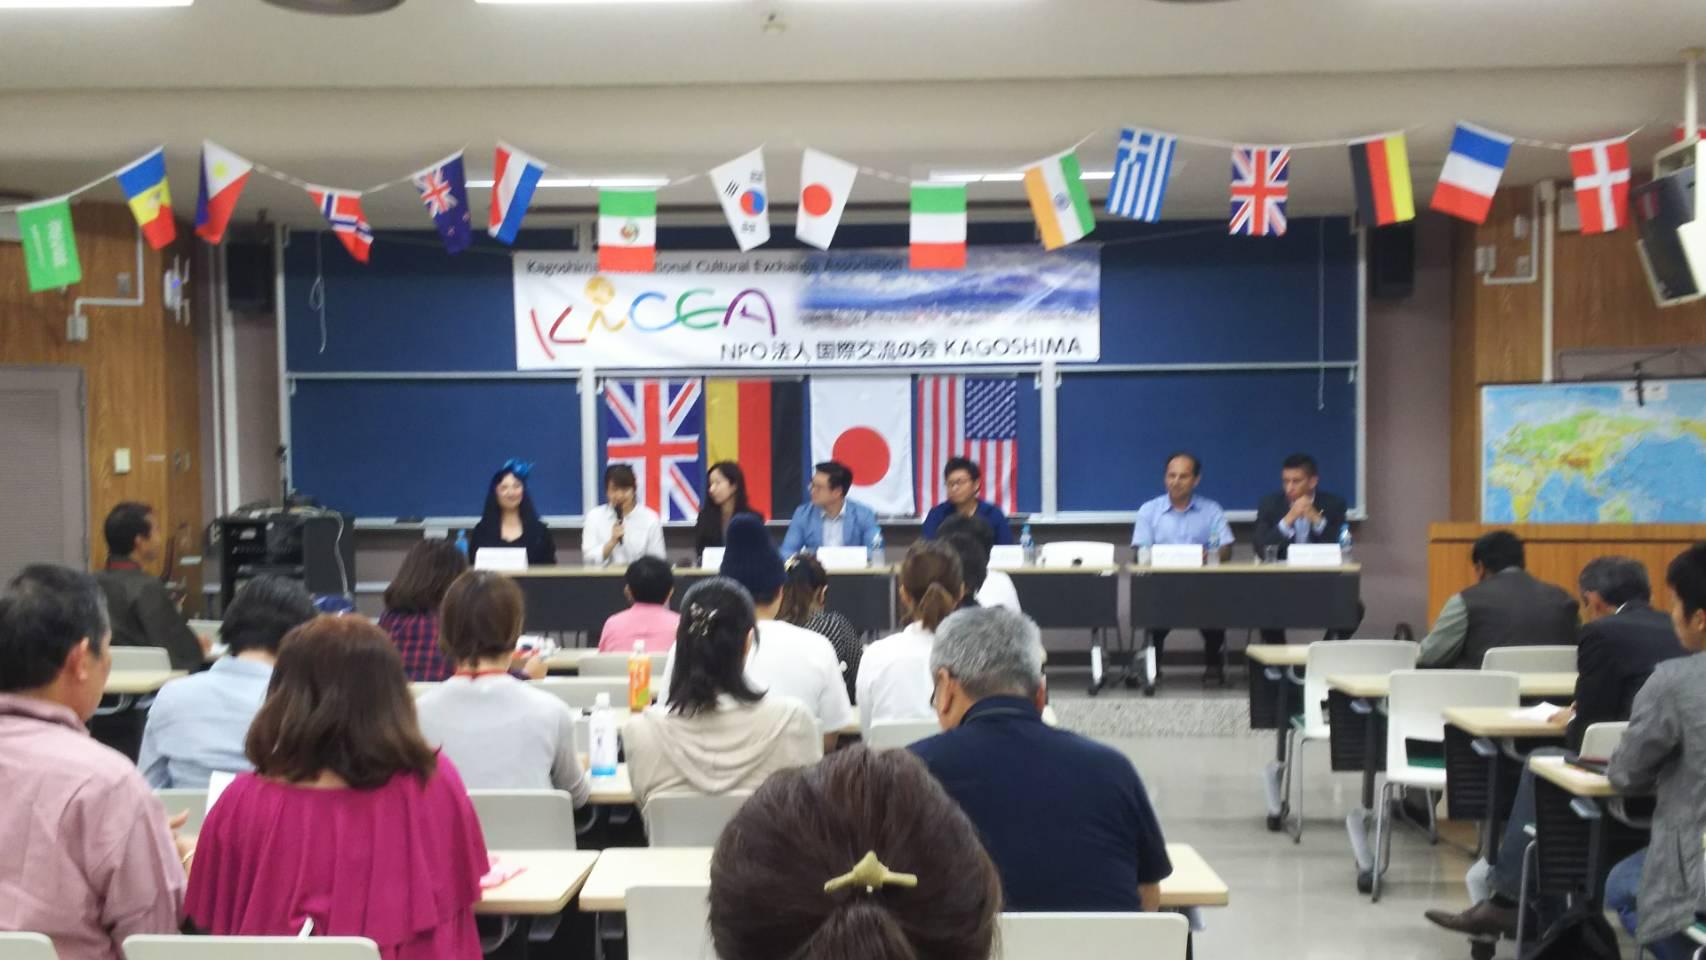 国際交流の会Kagoshima in 鹿児島大学水産学部のイベントに参加しました